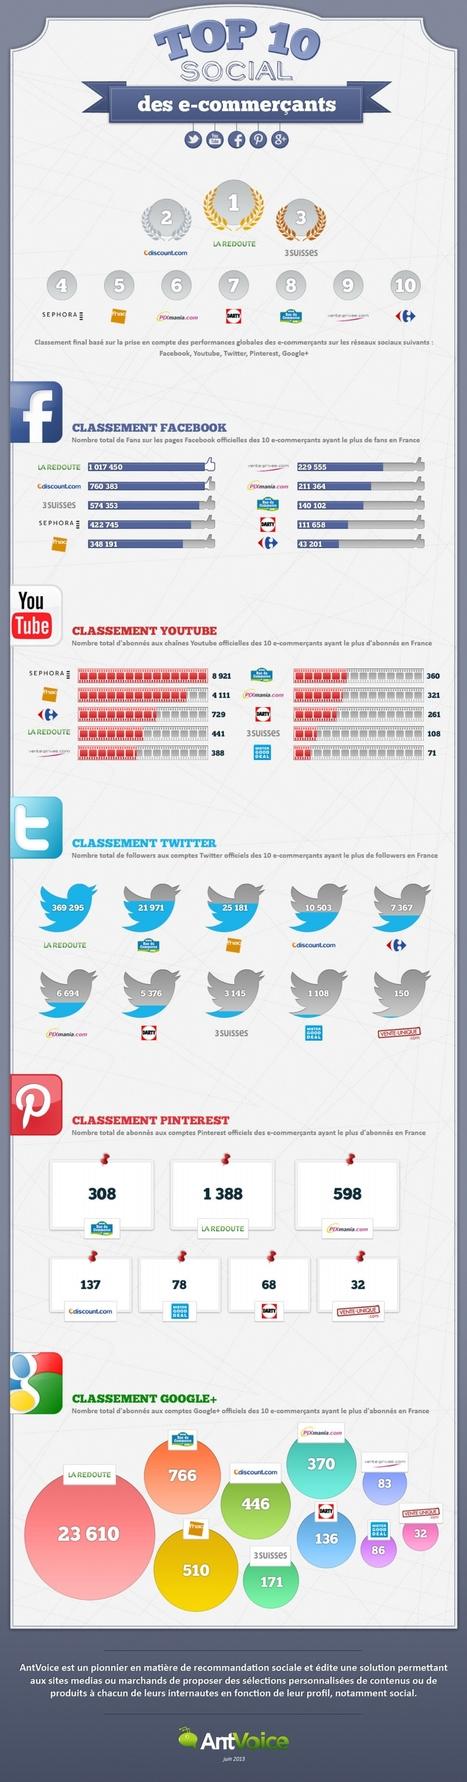 Infographie : Les 10 commerçants français les plus présents sur les réseaux sociaux   Time to Learn   Scoop.it